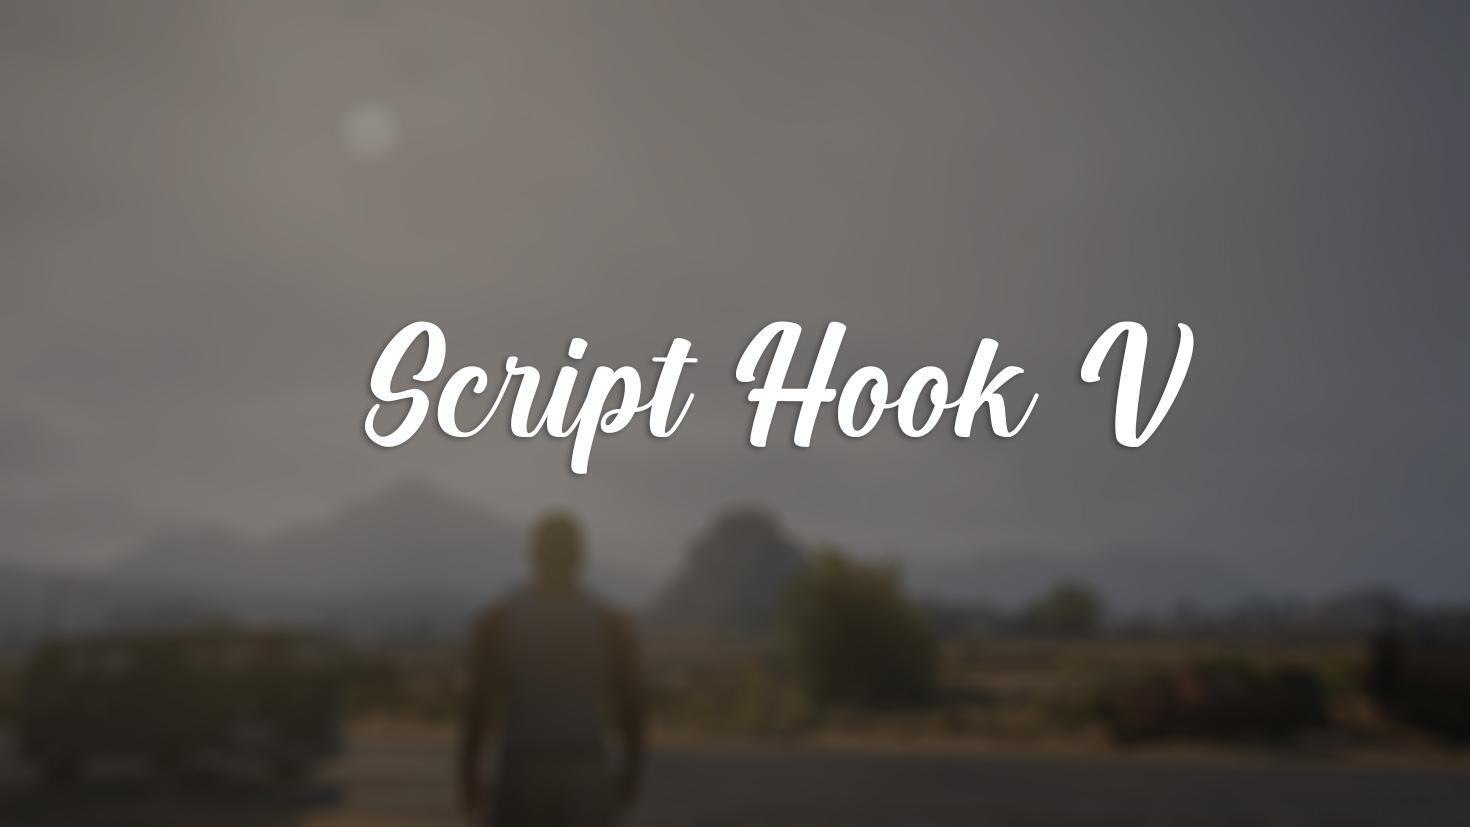 Download Script Hook V Latest Version for GTA 5 -  Script Hook V New Recent Version Free Download - AdeelDrew - Adeel Drew script hook v,script hook v critical error,script,gta 5 script hook v critical error fix,gta 5 script hook v,script hook,how to install script hook v,gta 5 script hook v error,script hook v gta 5,script hook v error,how to fix script hook v in gta 5,script hook v critical error fixed,how to install script hook 5,gta 5 steam script hook v critical error fixed,script hook v 2020,script hook v dot net,gta 5 epic games script hook v critical error fixed,script hook v install